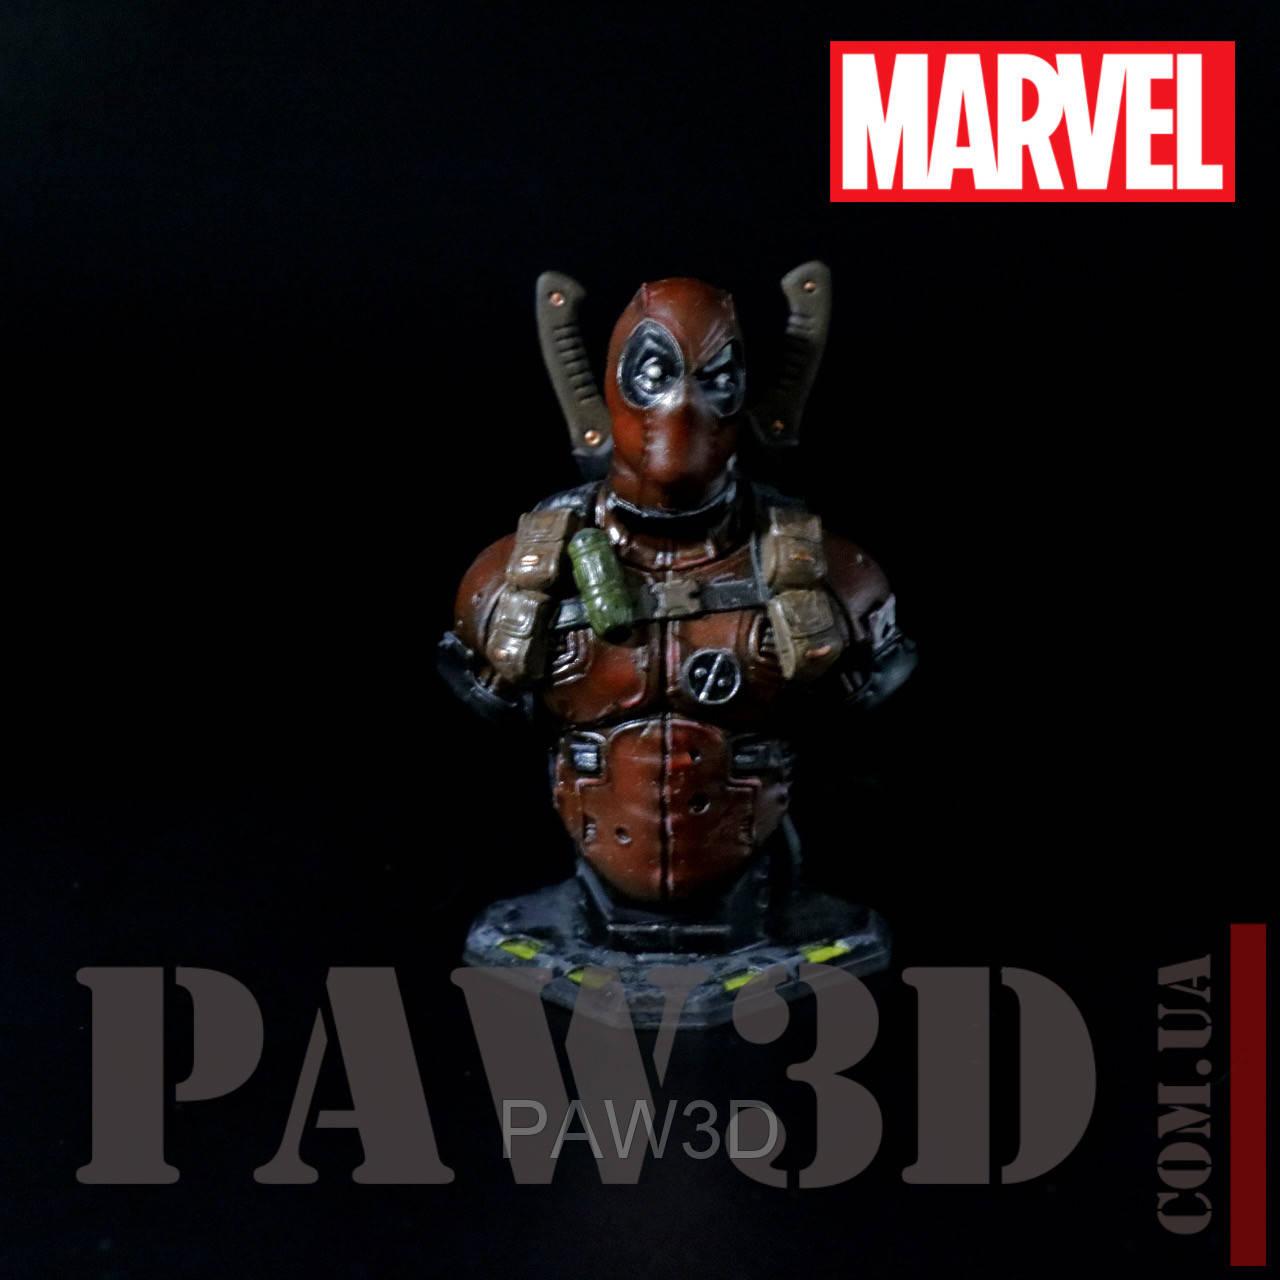 Deadpool высокодетализированная миниатюра бюст